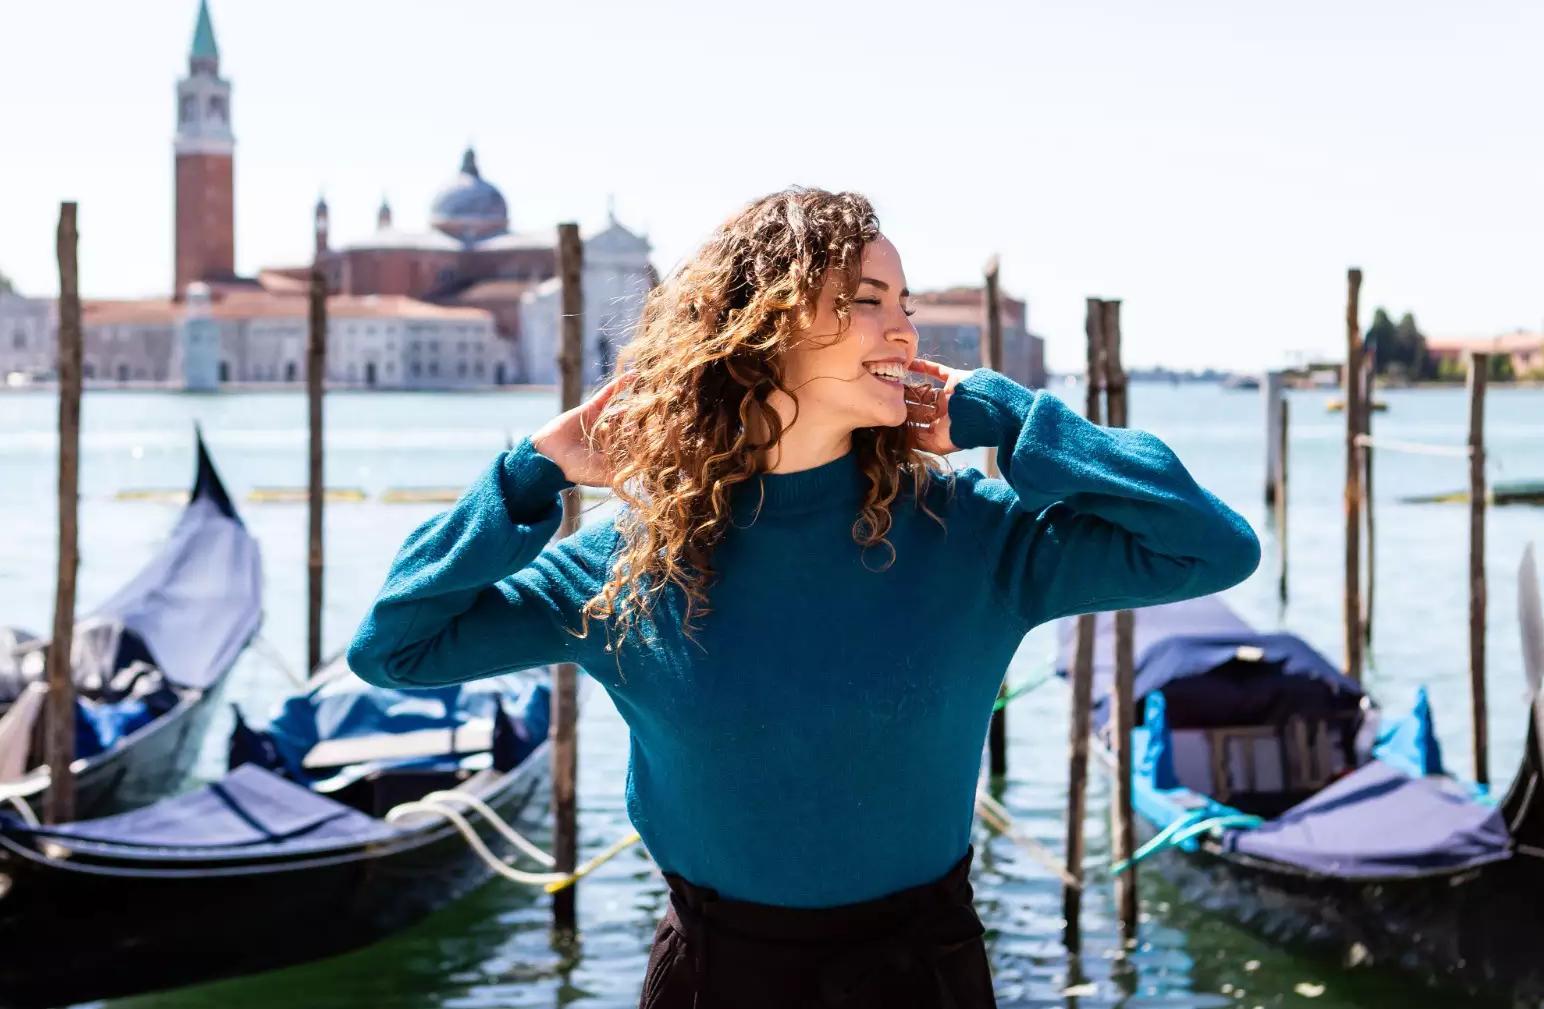 Júlia mora em Veneza há 10 anos e fala tudo sobre o lugar (Foto: Ana Laura Carciofi)